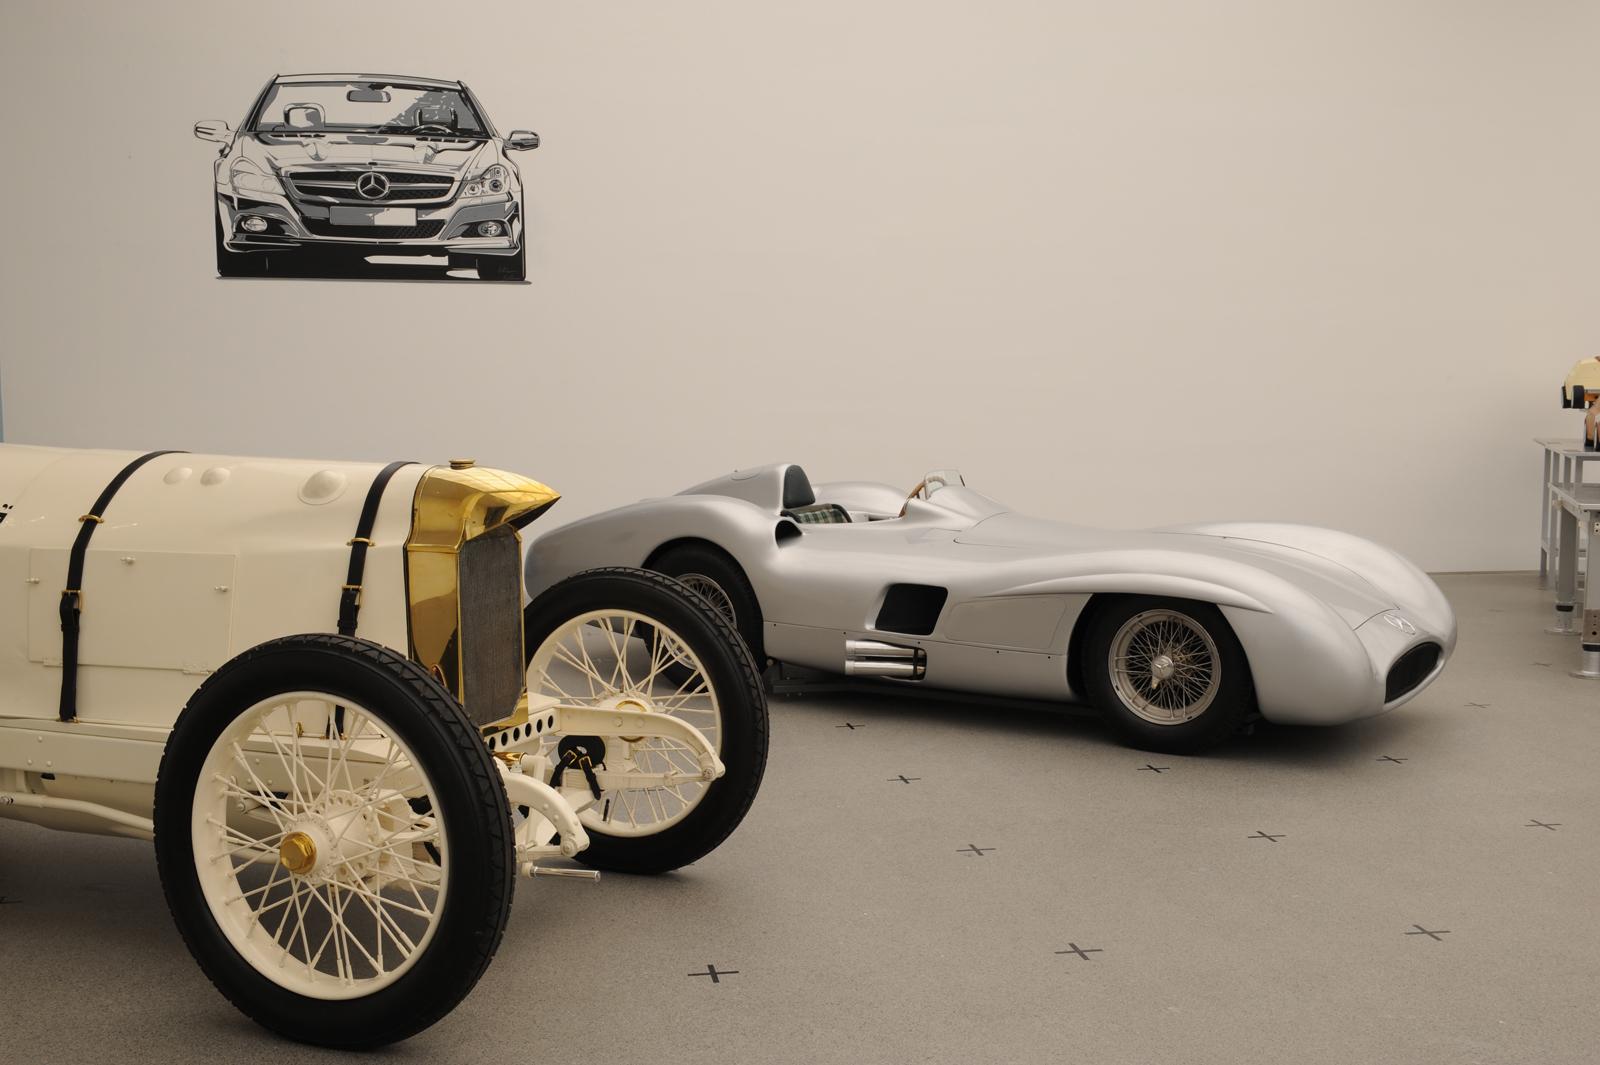 """Выставка """"вехи истории автомобильного дизайна - пример Mercedes-Benz"""" в Pinakothek der Moderne) в Мюнхене - фотография №9"""